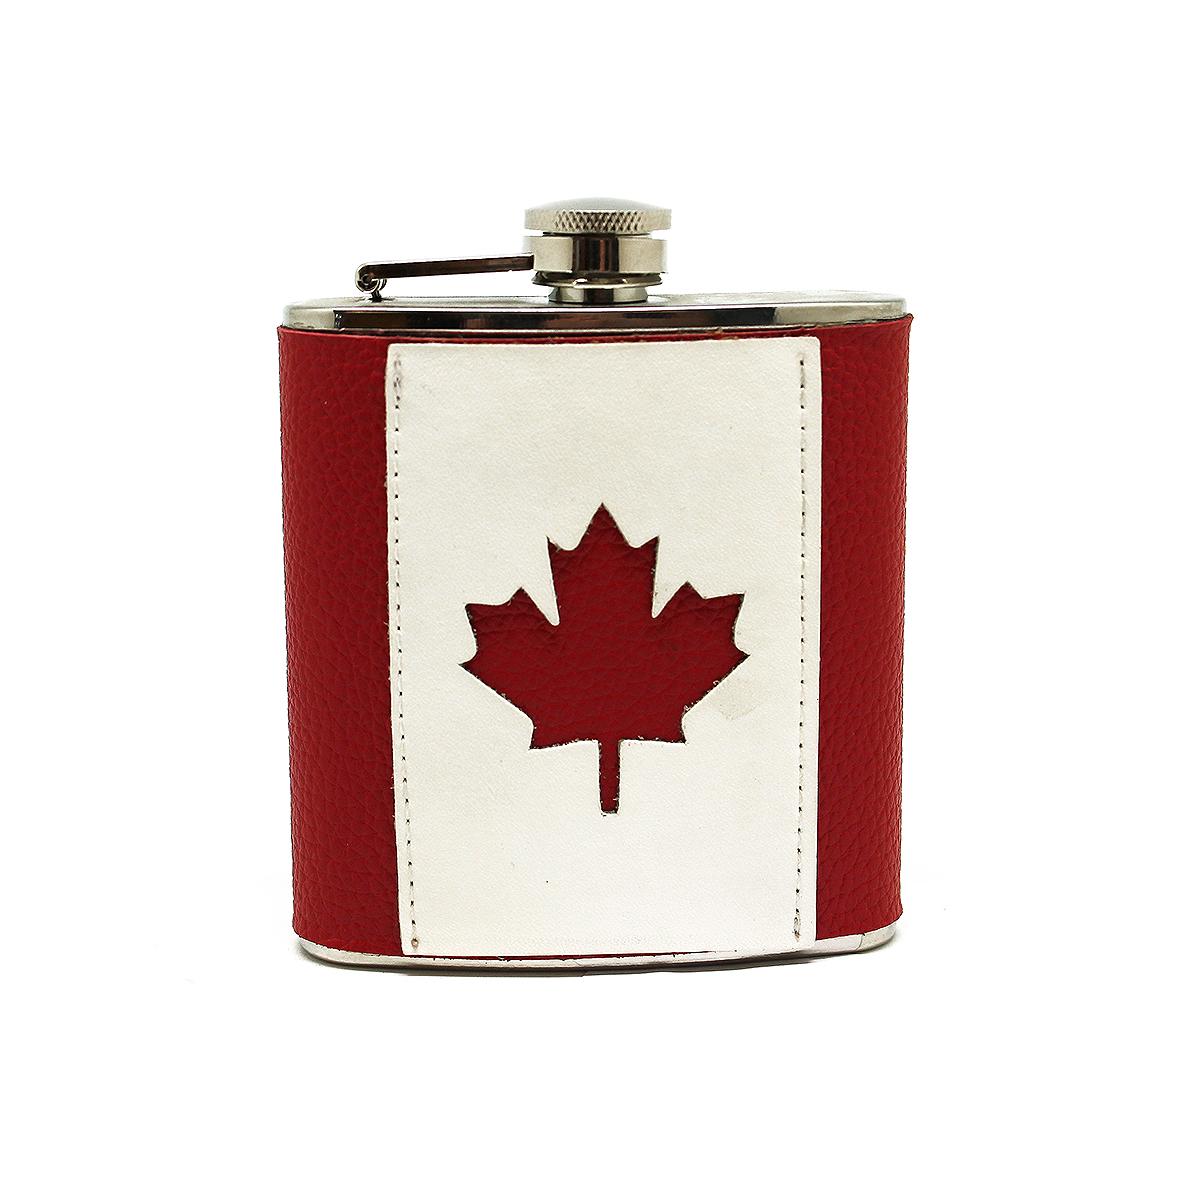 Фляга Экспедиция Канада, цвет: красный, 0,17 лeflgs-01Прекрасный подарок - Кожаная фляжка Канада. Это необычная подарочная фляга, отображающая характер, подчеркивающая стиль. Нержавеющая сталь, натуральная кожа – классическое сочетание на все времена. Флагофляга практична: положите ее в карман, сумку или рюкзак - она не займет много места, и порадует глаз, в любой ситуации. Определенно, эта фляга для любителей стильных и практичных вещей. Поспешите купить фляжку с флагом Канады - коллекция лимитирована. Характеристики: Материал: нержавеющая сталь; Отделка: натуральная кожа; Объем: 0.17 л; Размер: 95мм х 115мм х 30мм